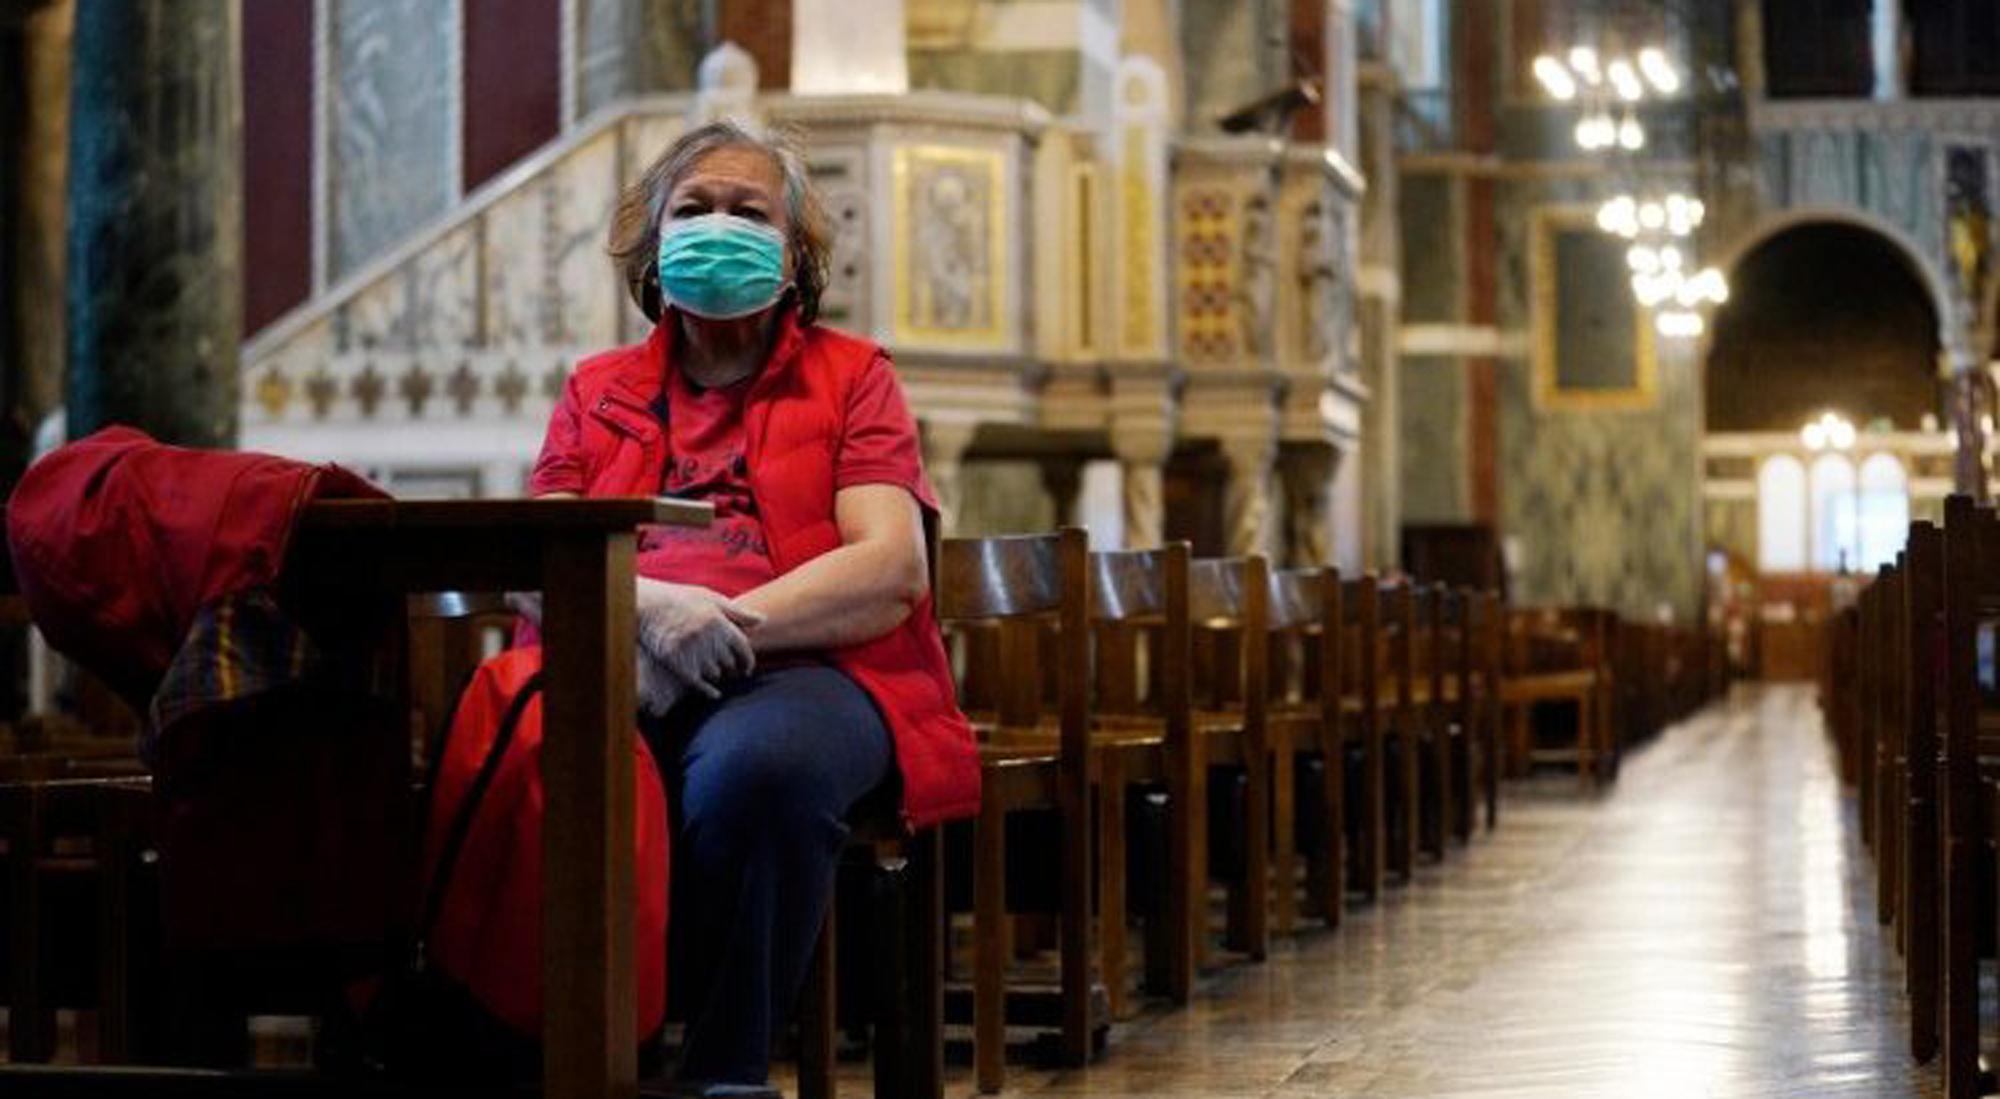 فيروس كورونا.... ورسائل من الله (2)